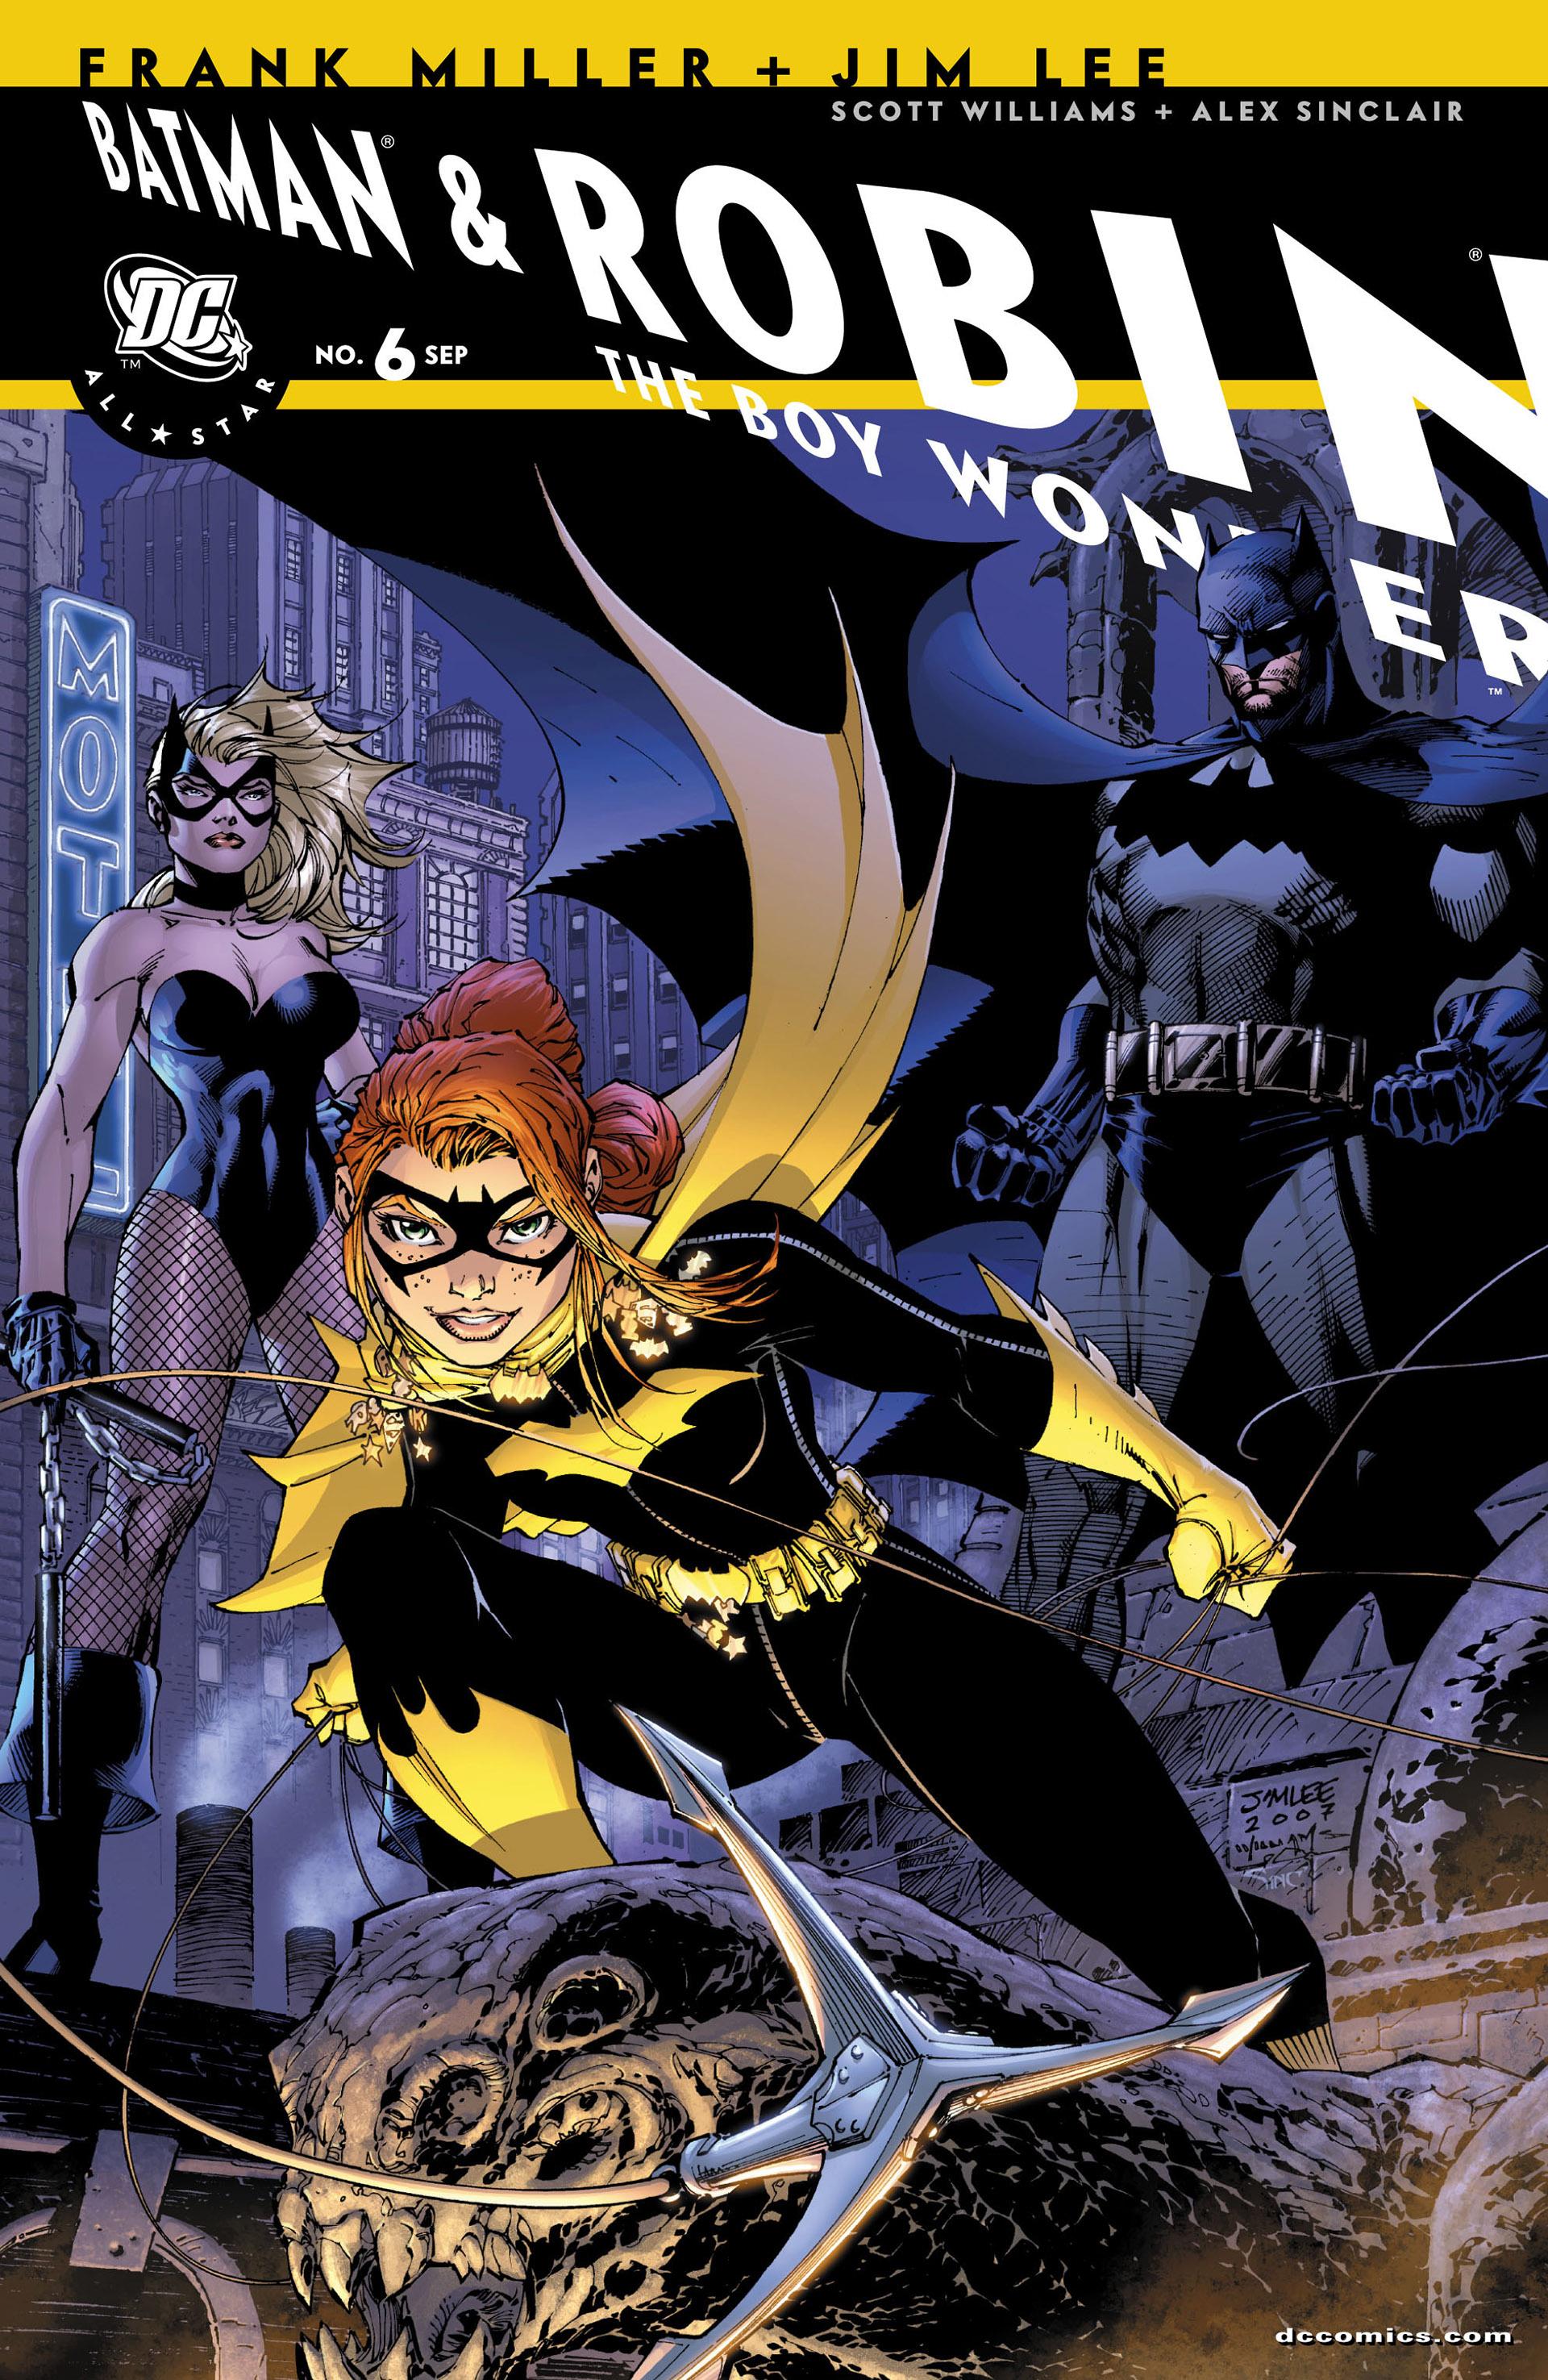 All Star Batman & Robin, The Boy Wonder 6 Page 1